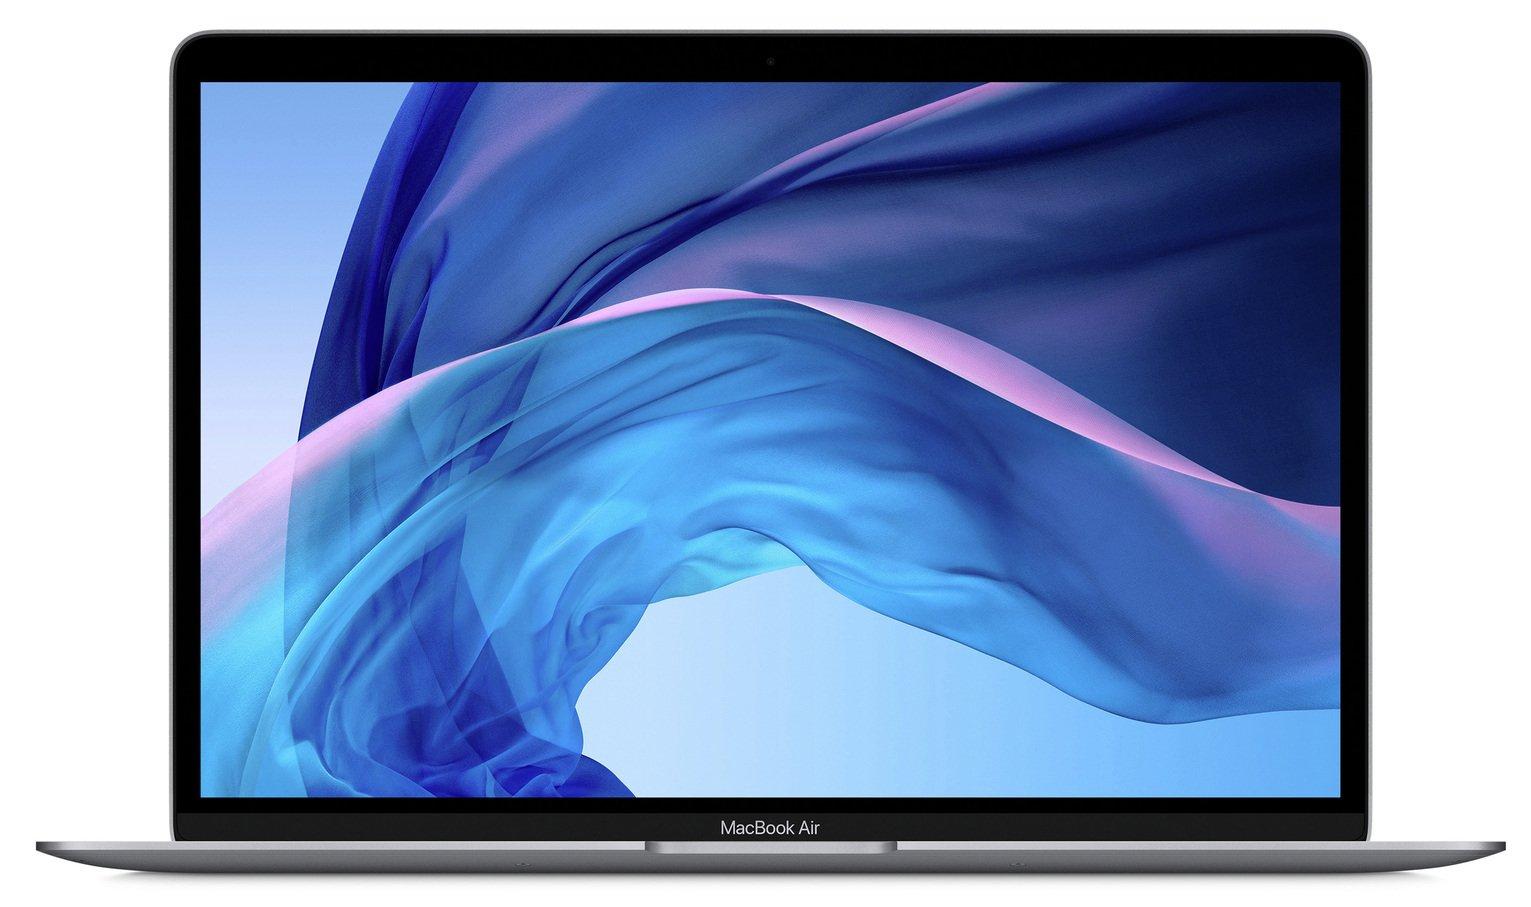 Apple MacBook Air 2020 13.3 Inch i5 8GB 512GB - Space Grey